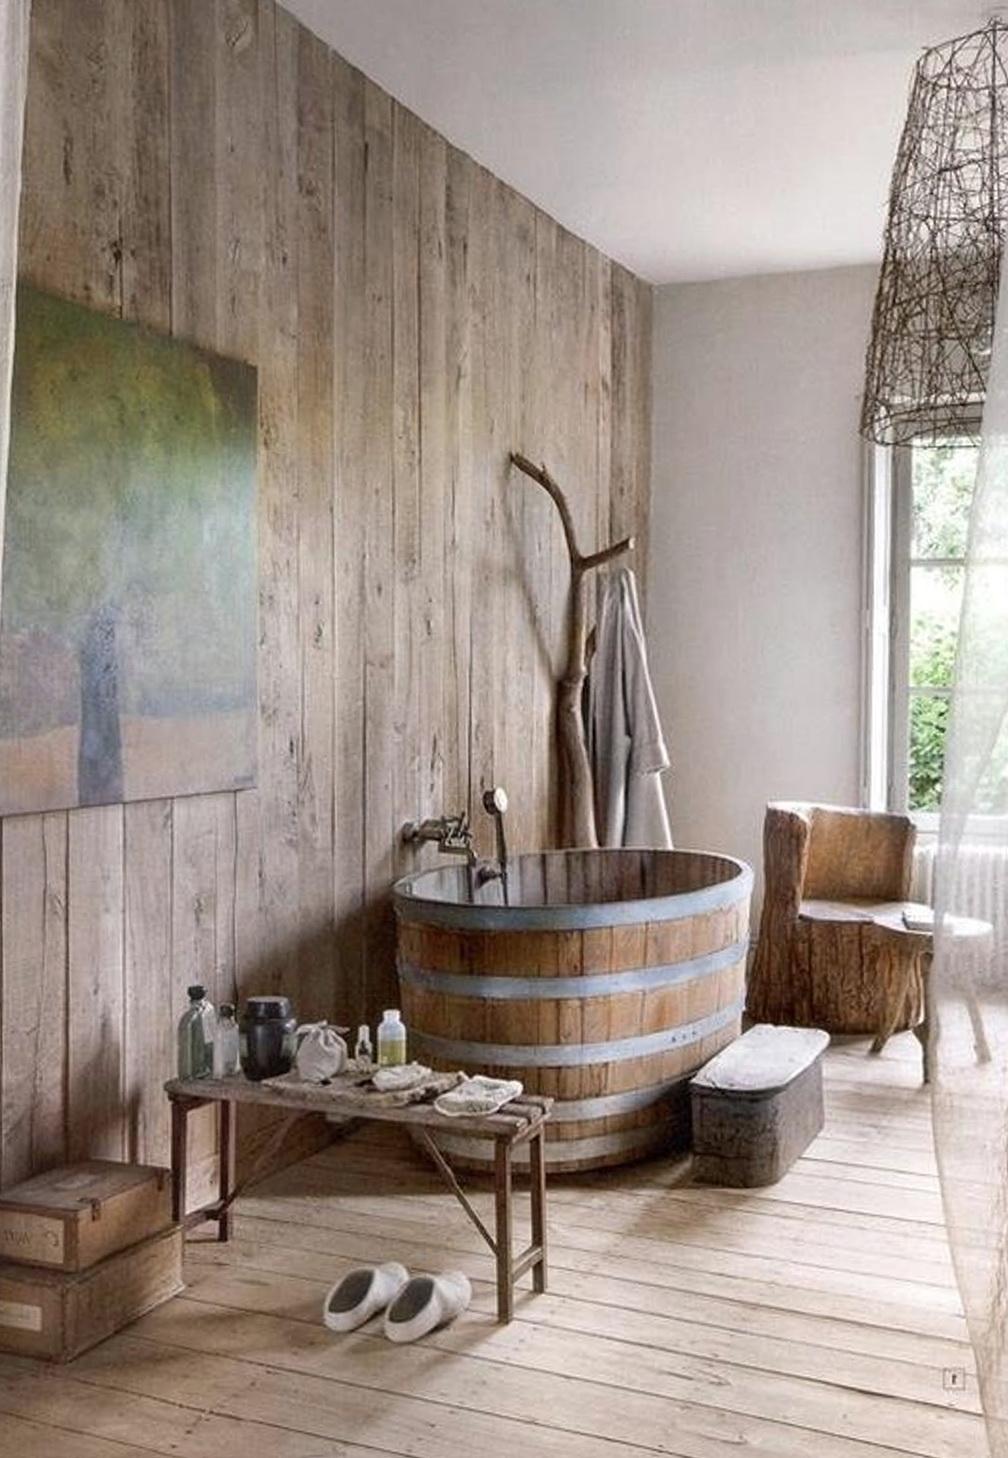 Vintage Rustic Bathroom Ideas